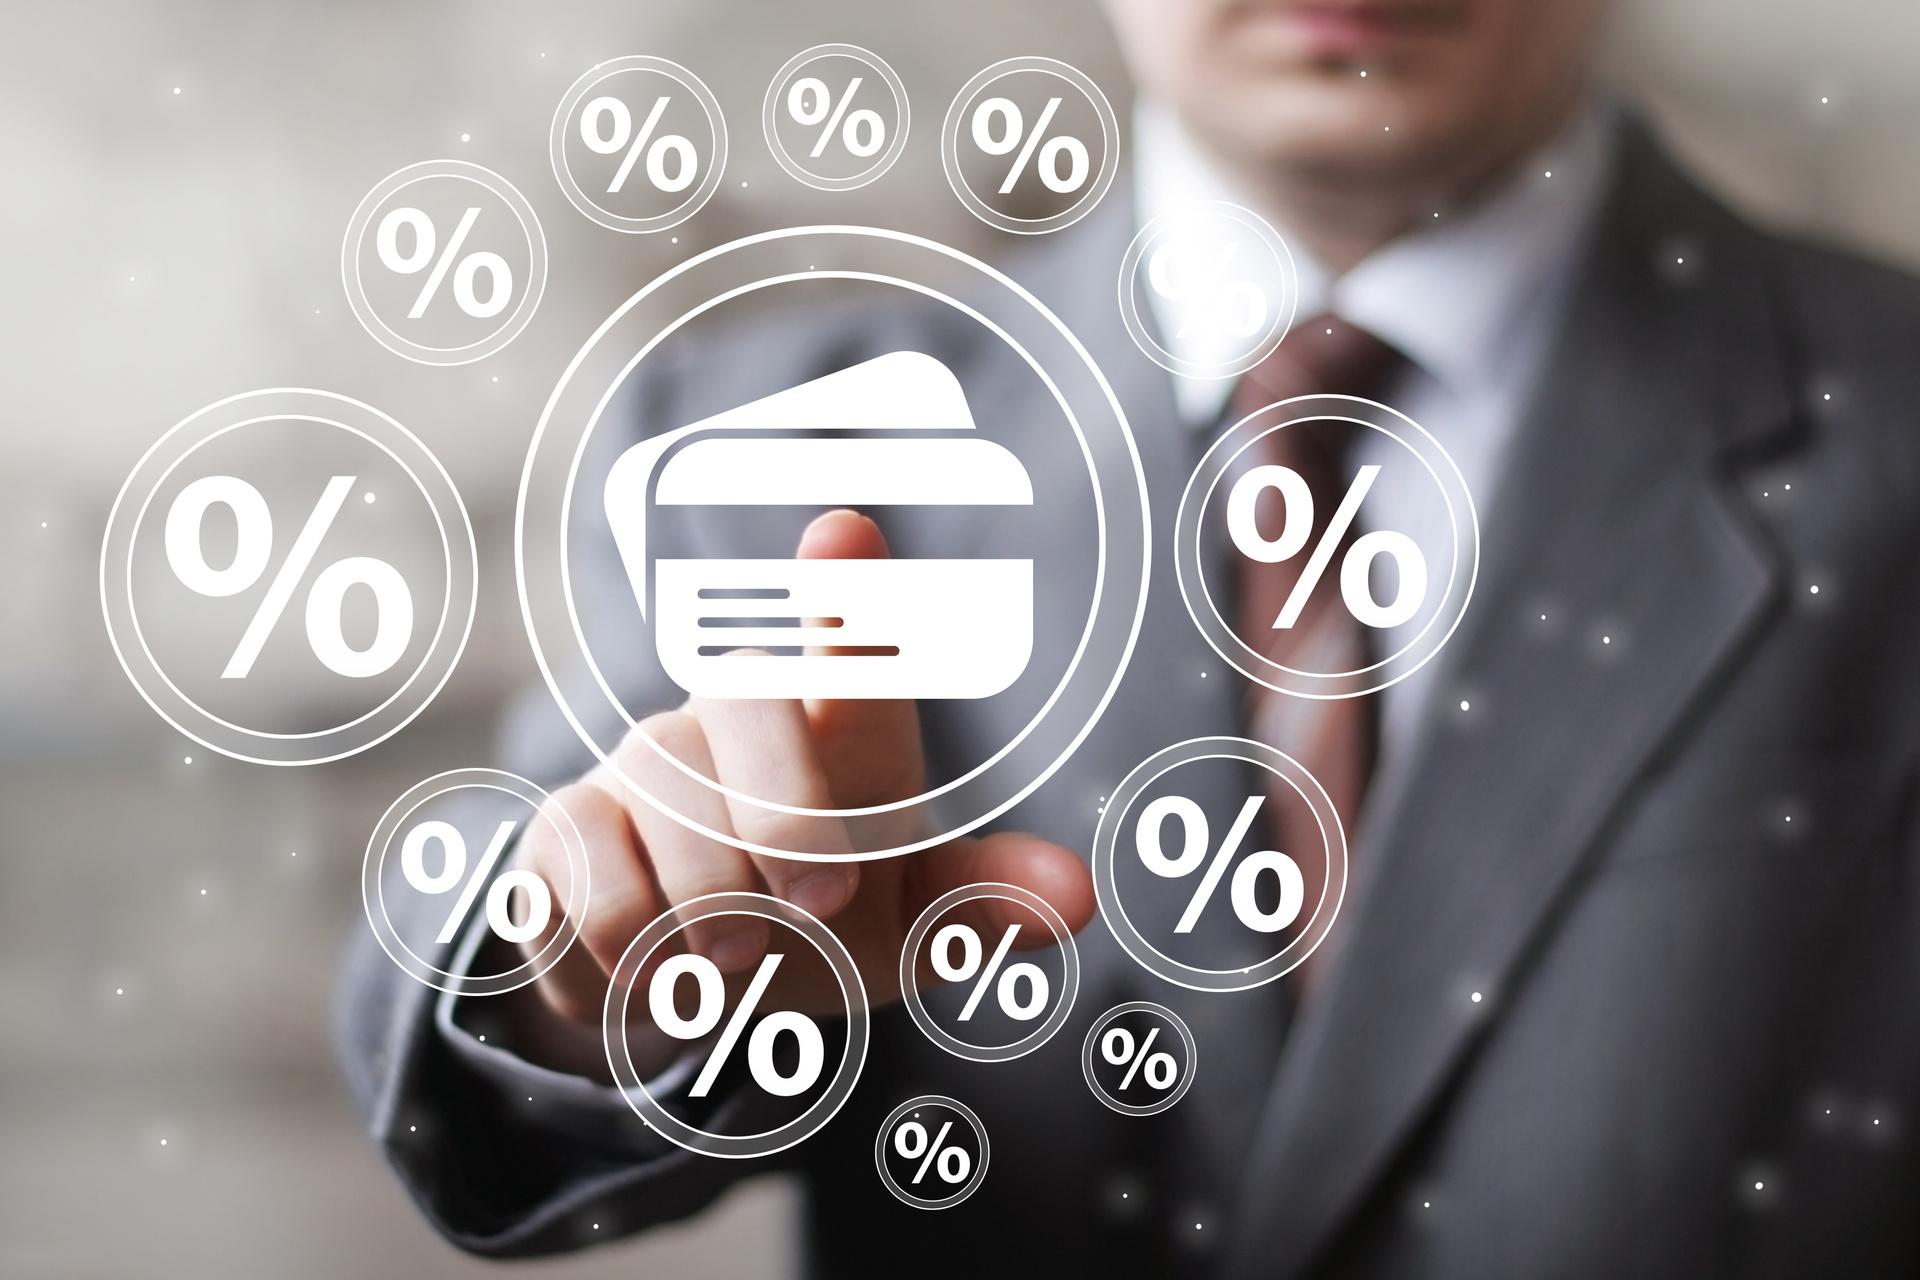 Как найти хороший сервис микрокредитования? Отвечает сервис Leanloan